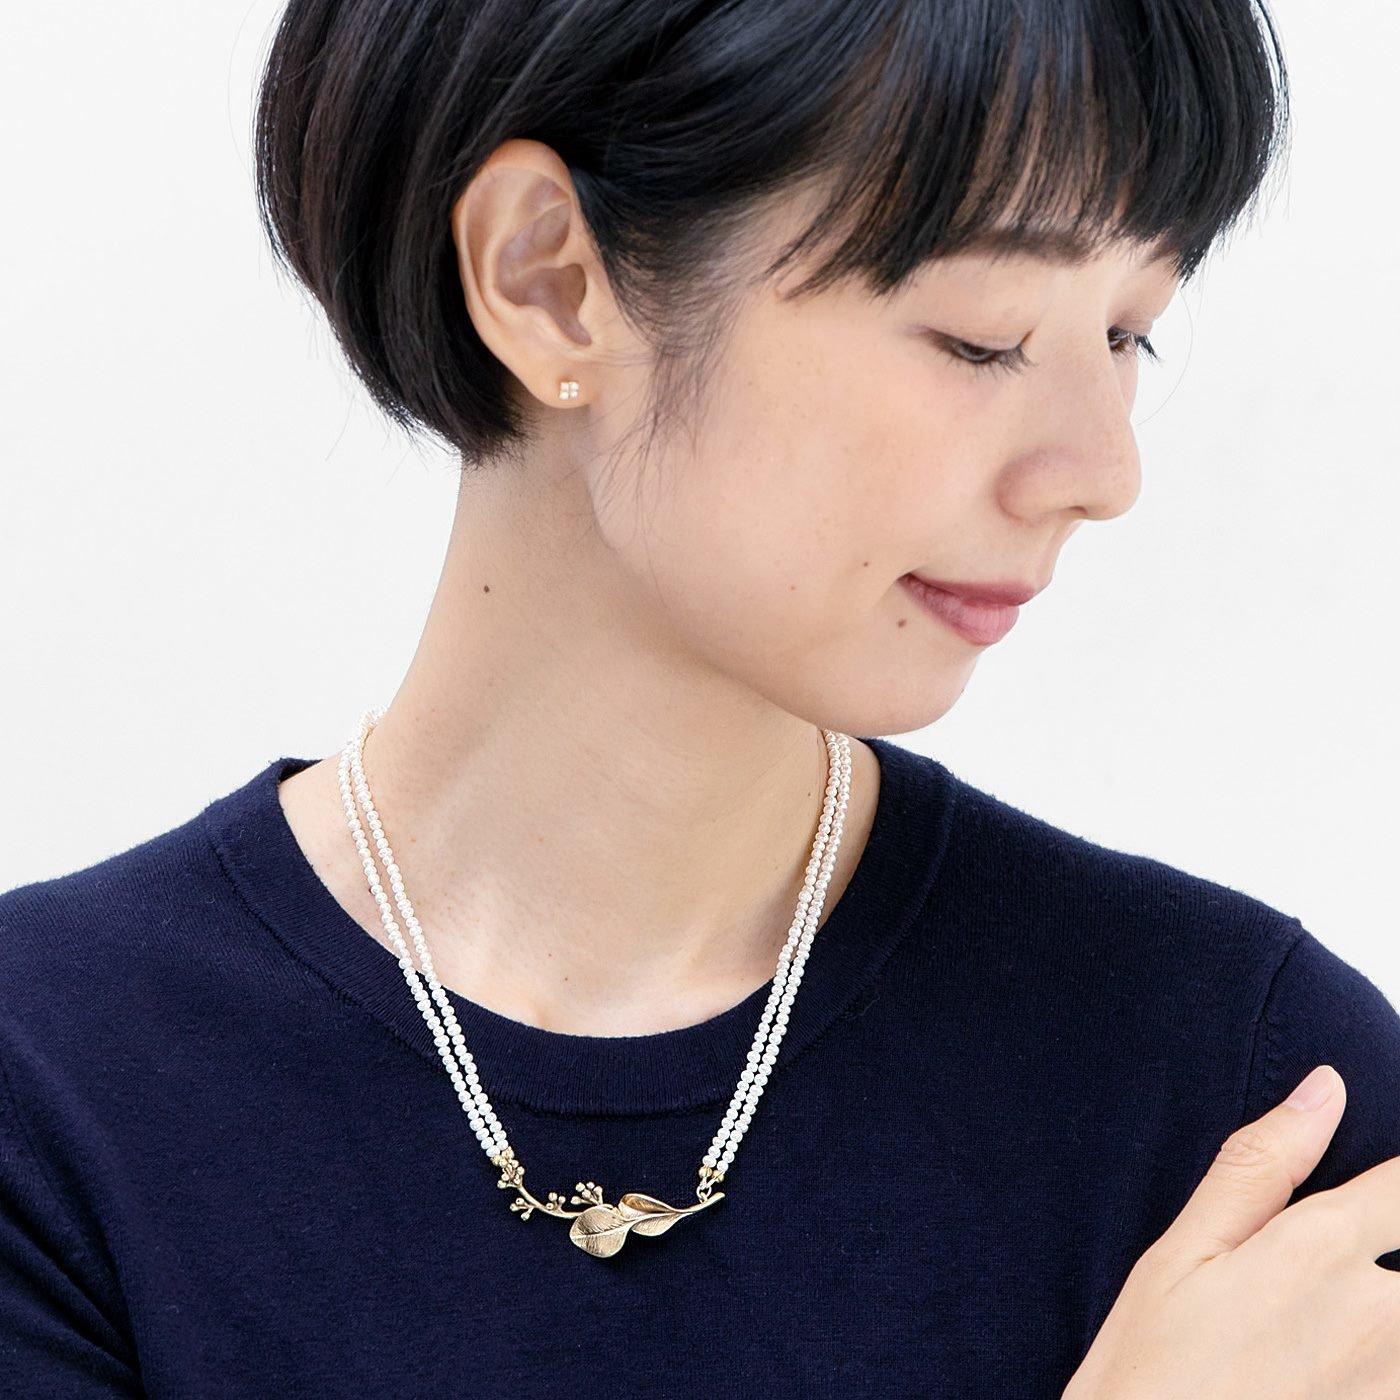 山本祐布子さんと作った ベビーパールを連ねたマグネットネックレス〈ホワイト〉